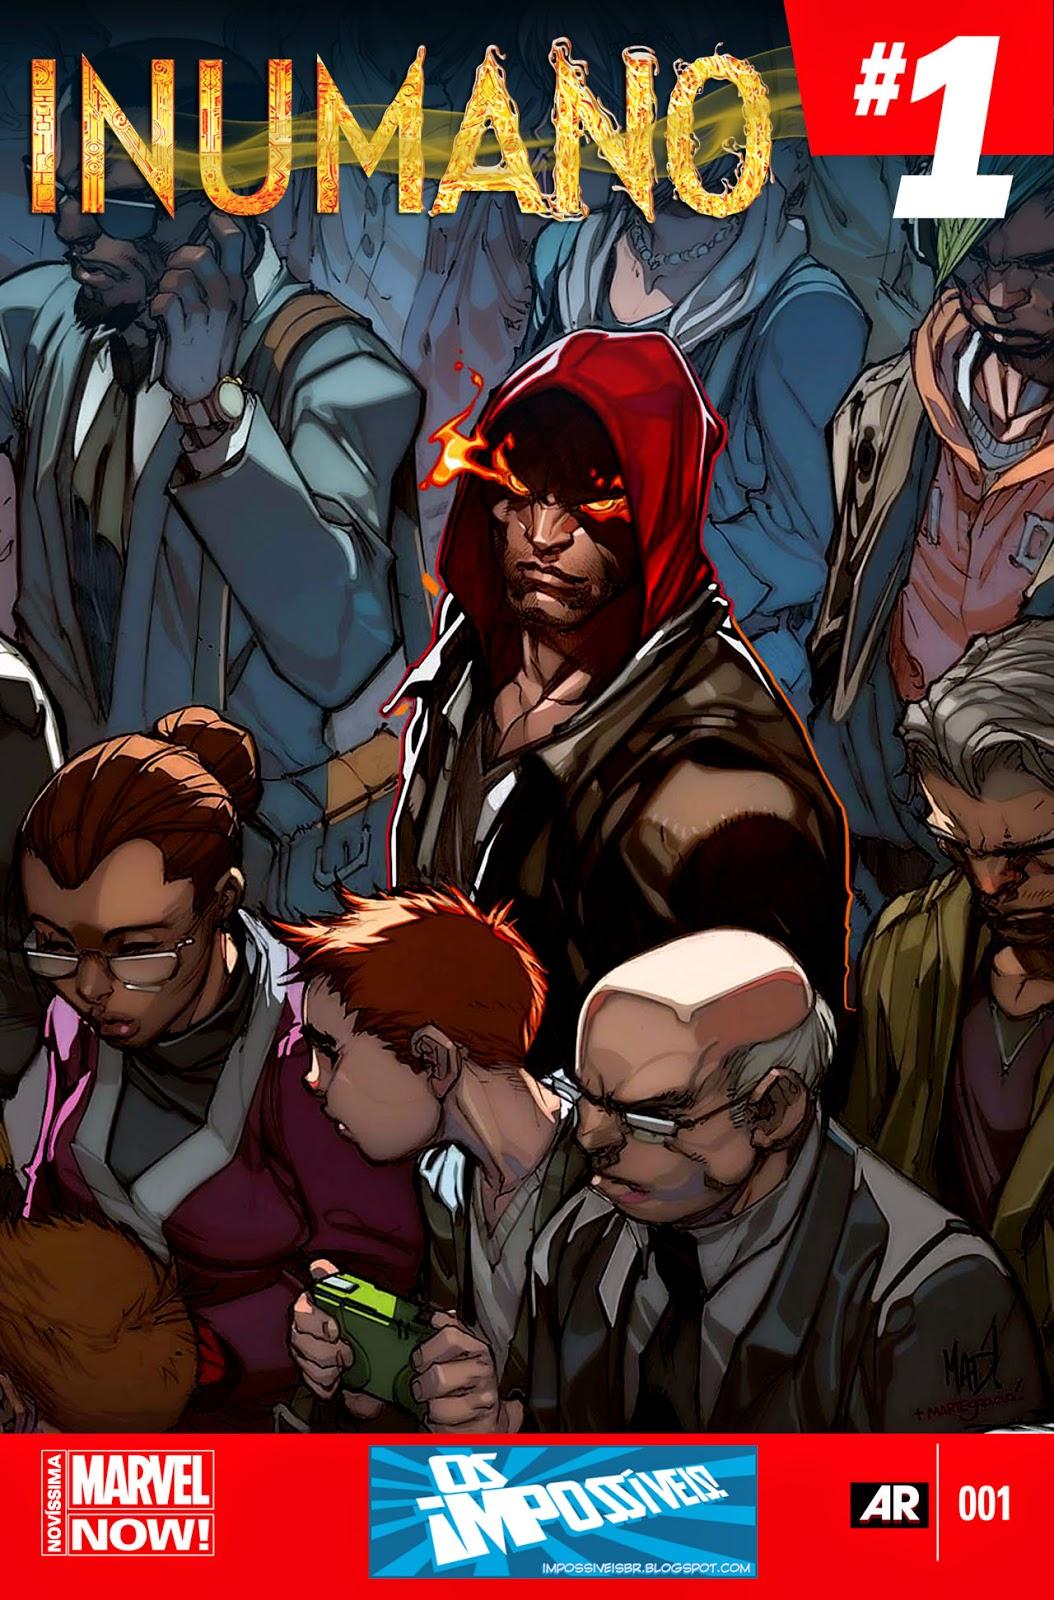 Nova Marvel! Inumano #1